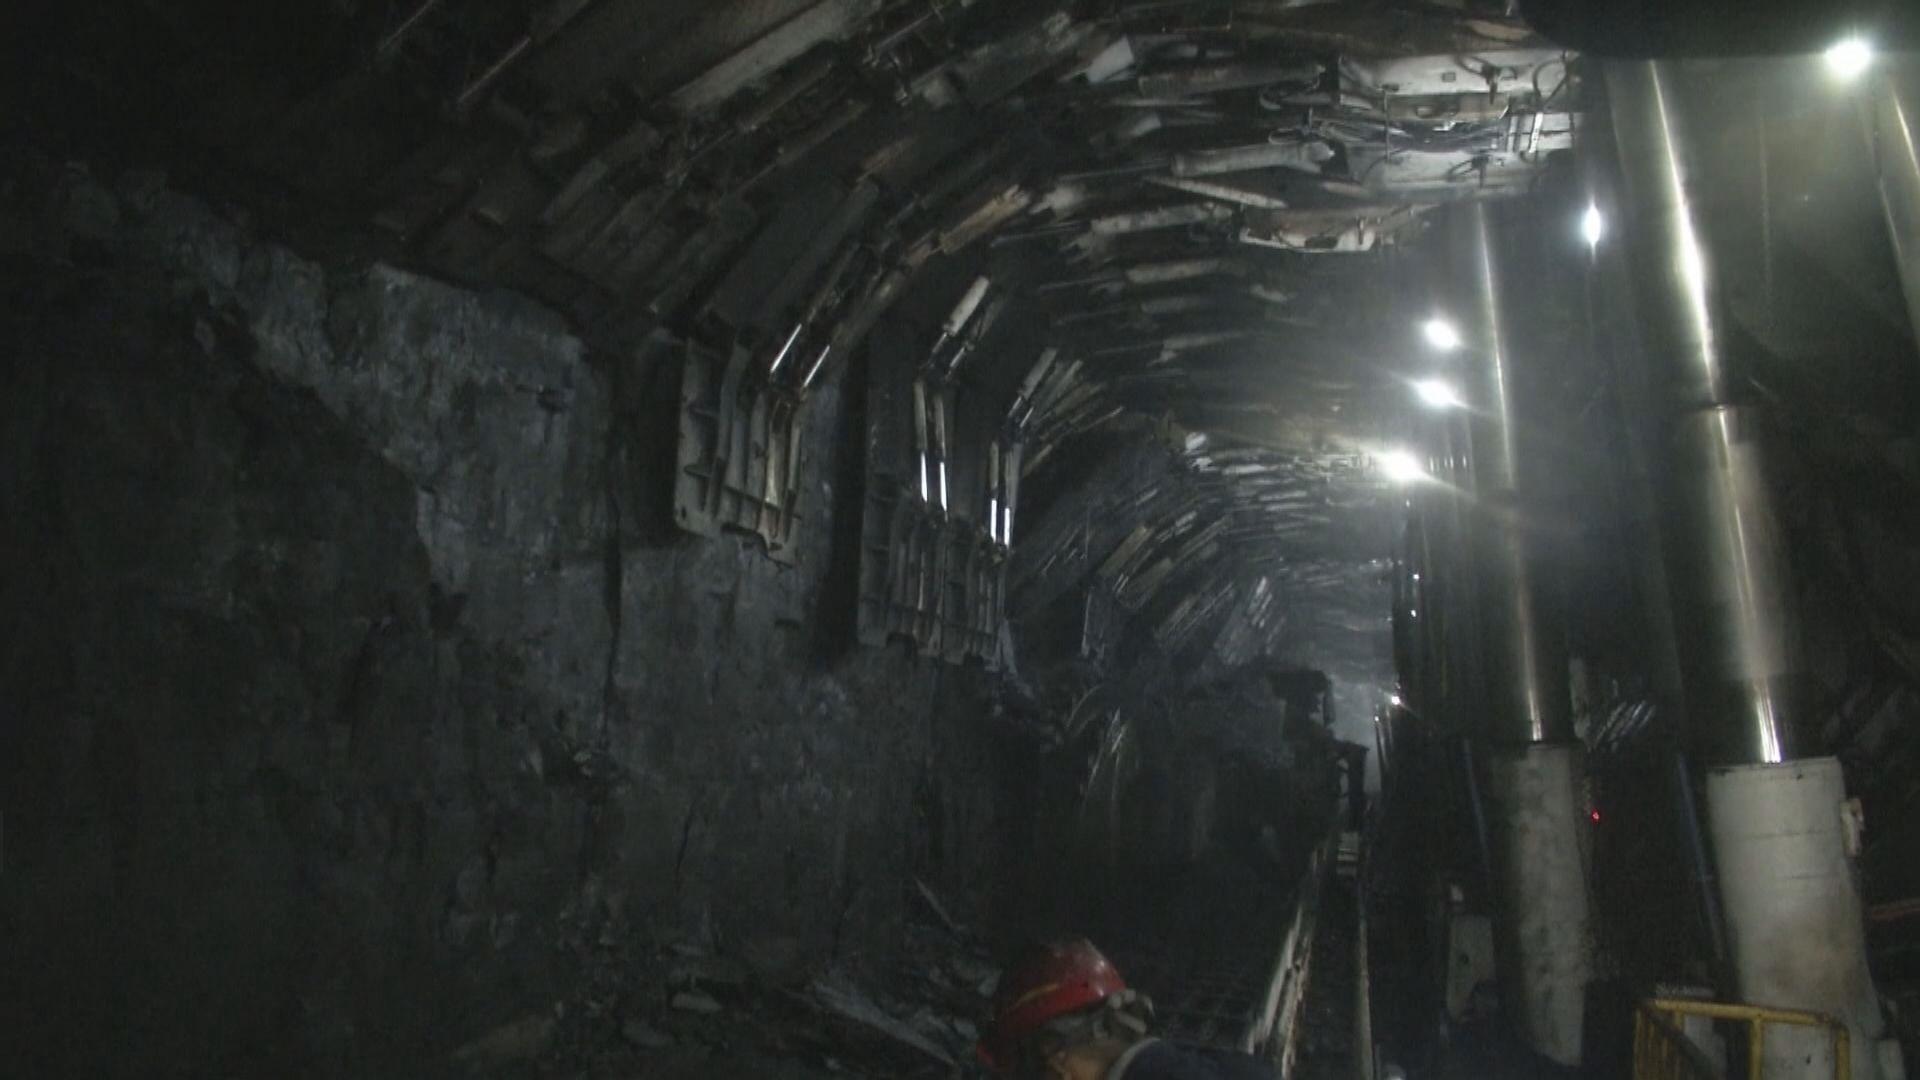 發改委:研究依法對煤炭價格實施干預措施